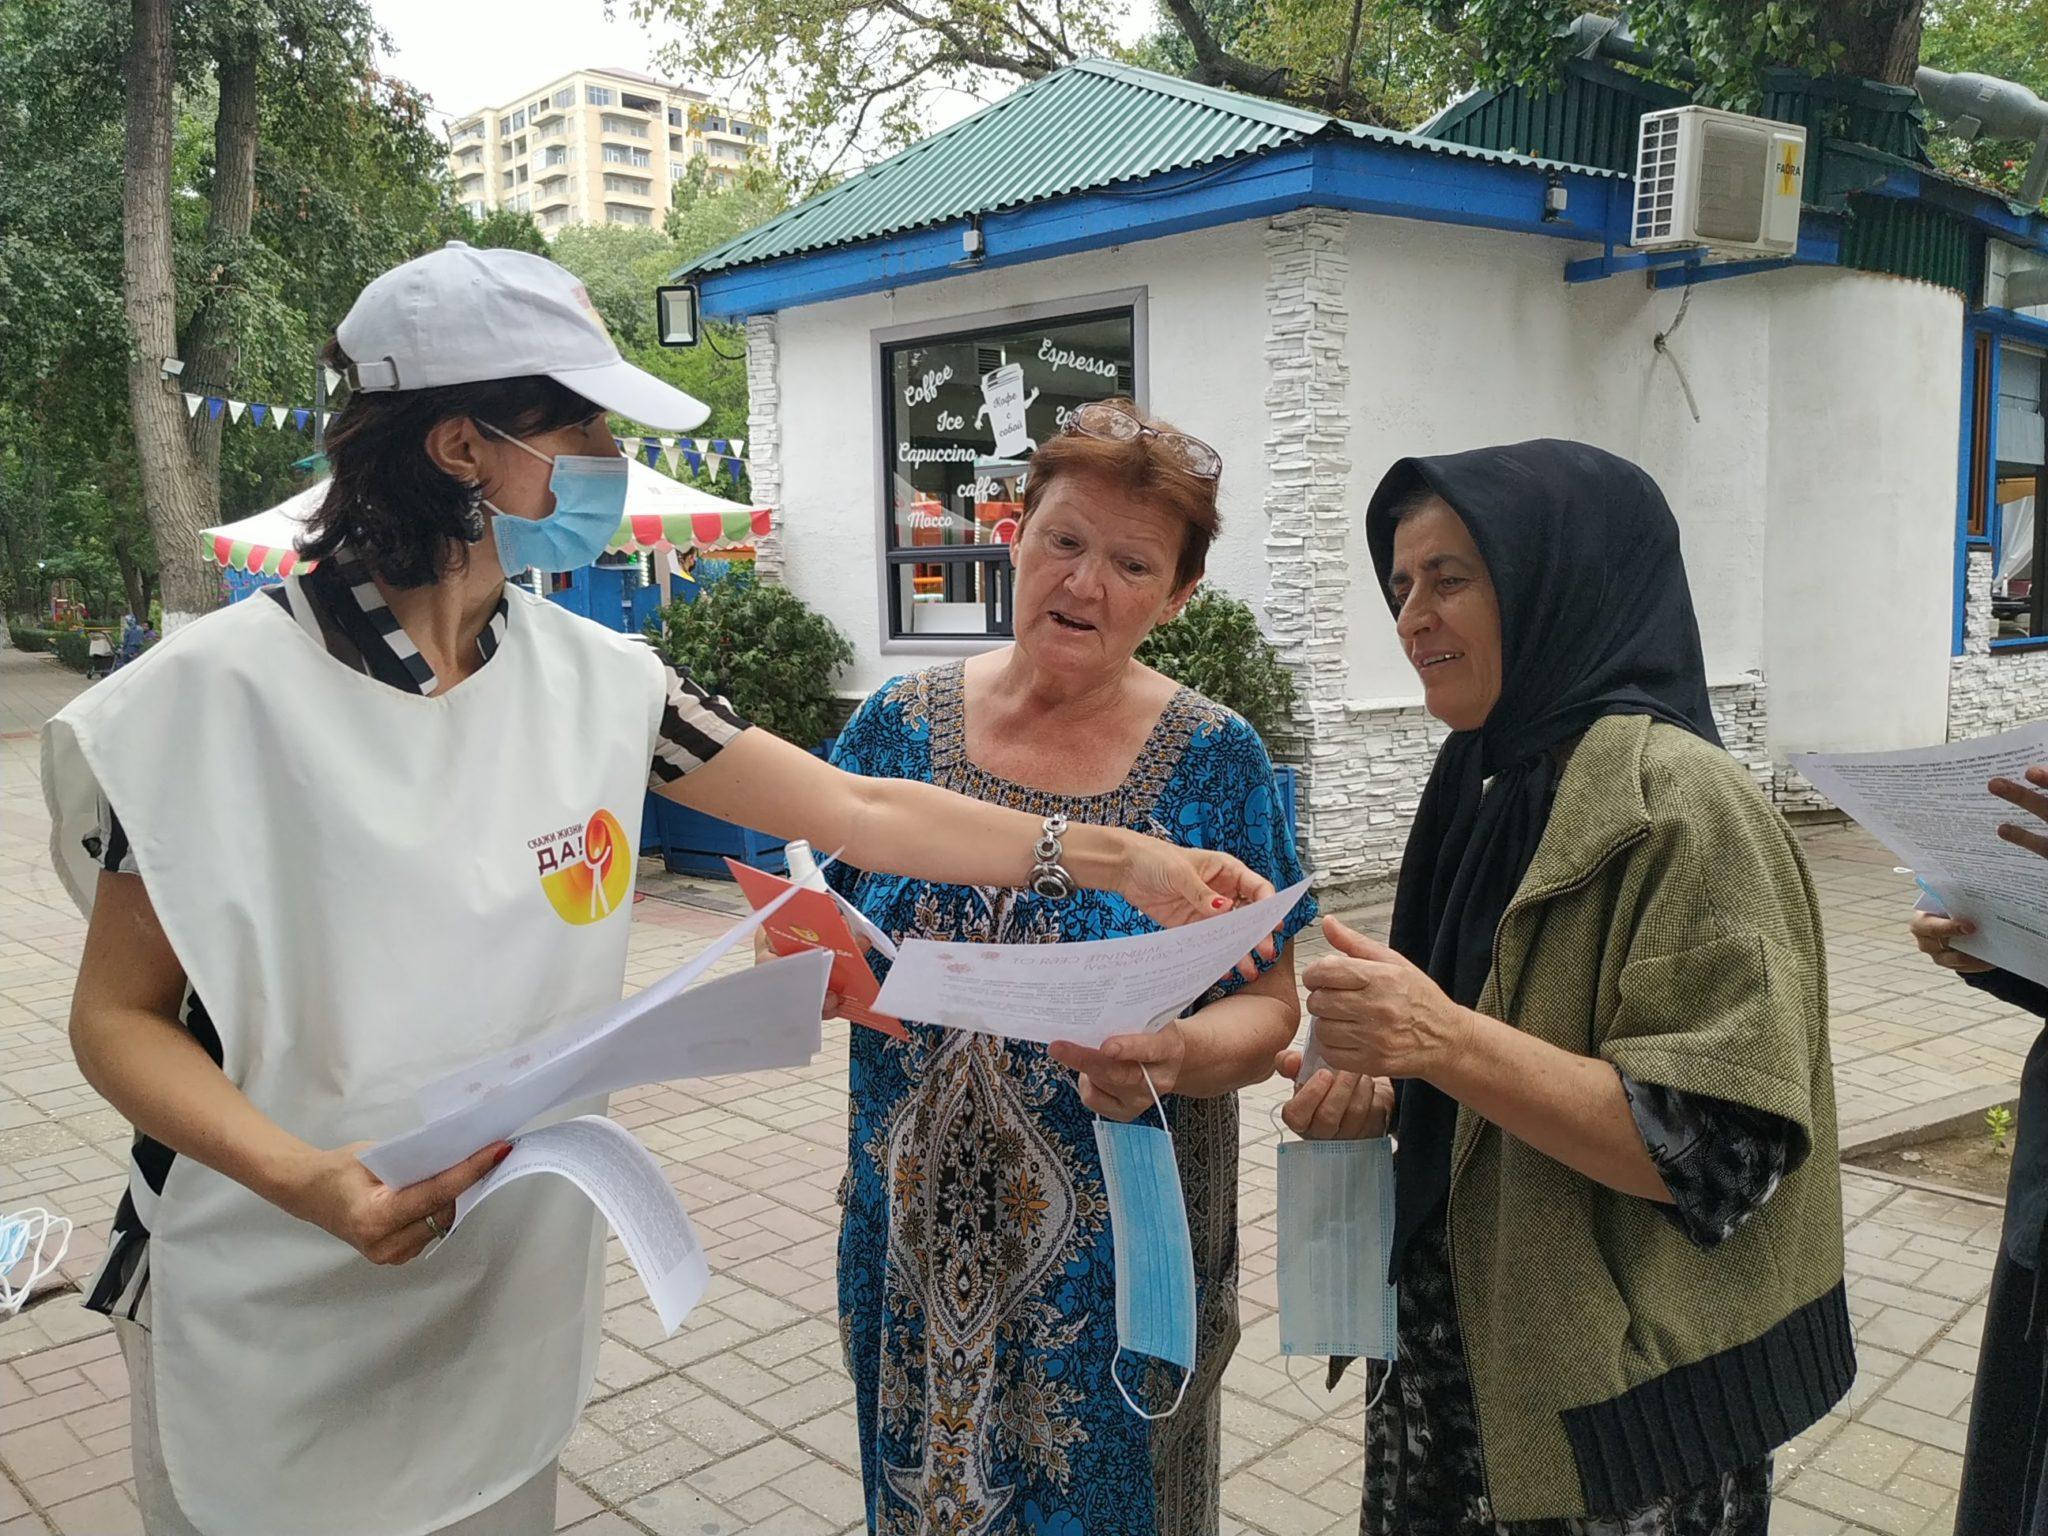 «Как защитить себя от вирусной инфекции» - акция под таким названием прошла на днях в сквере Дружбы им. Фазу Алиевой в Махачкале